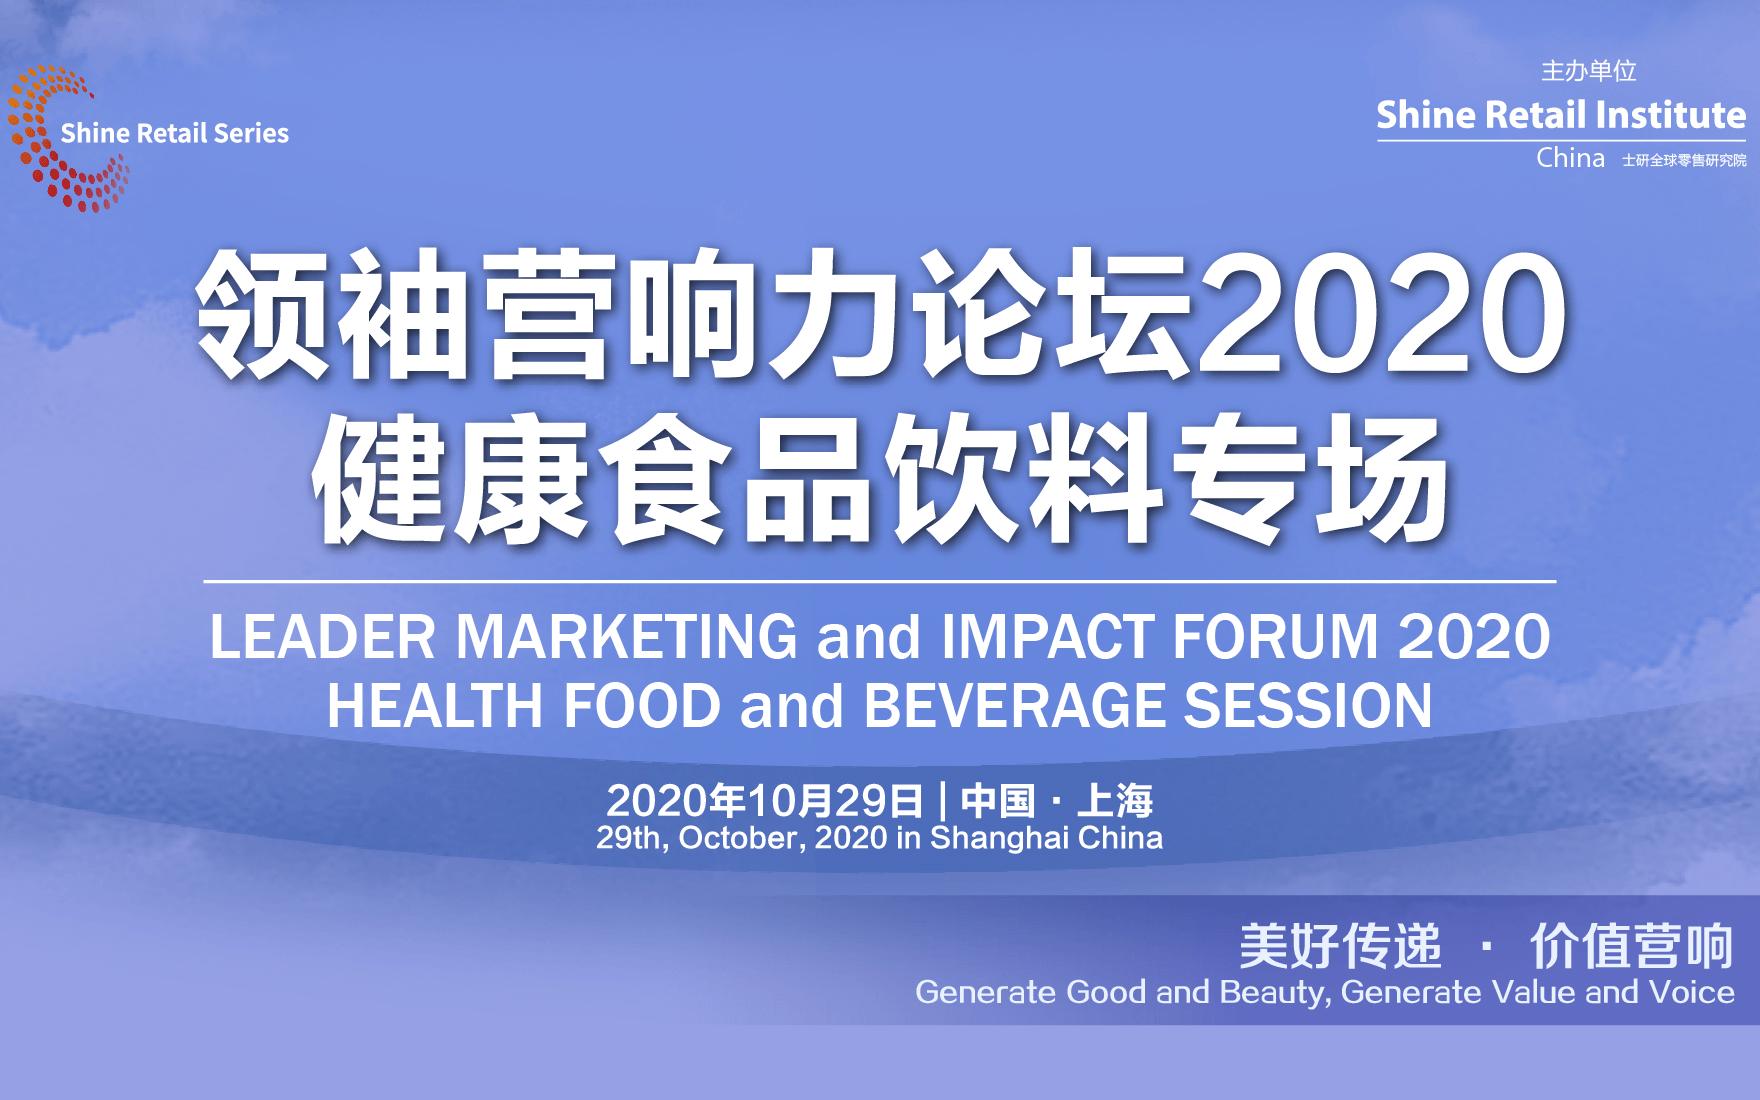 2020领袖营响力论坛——健康食品饮料专场